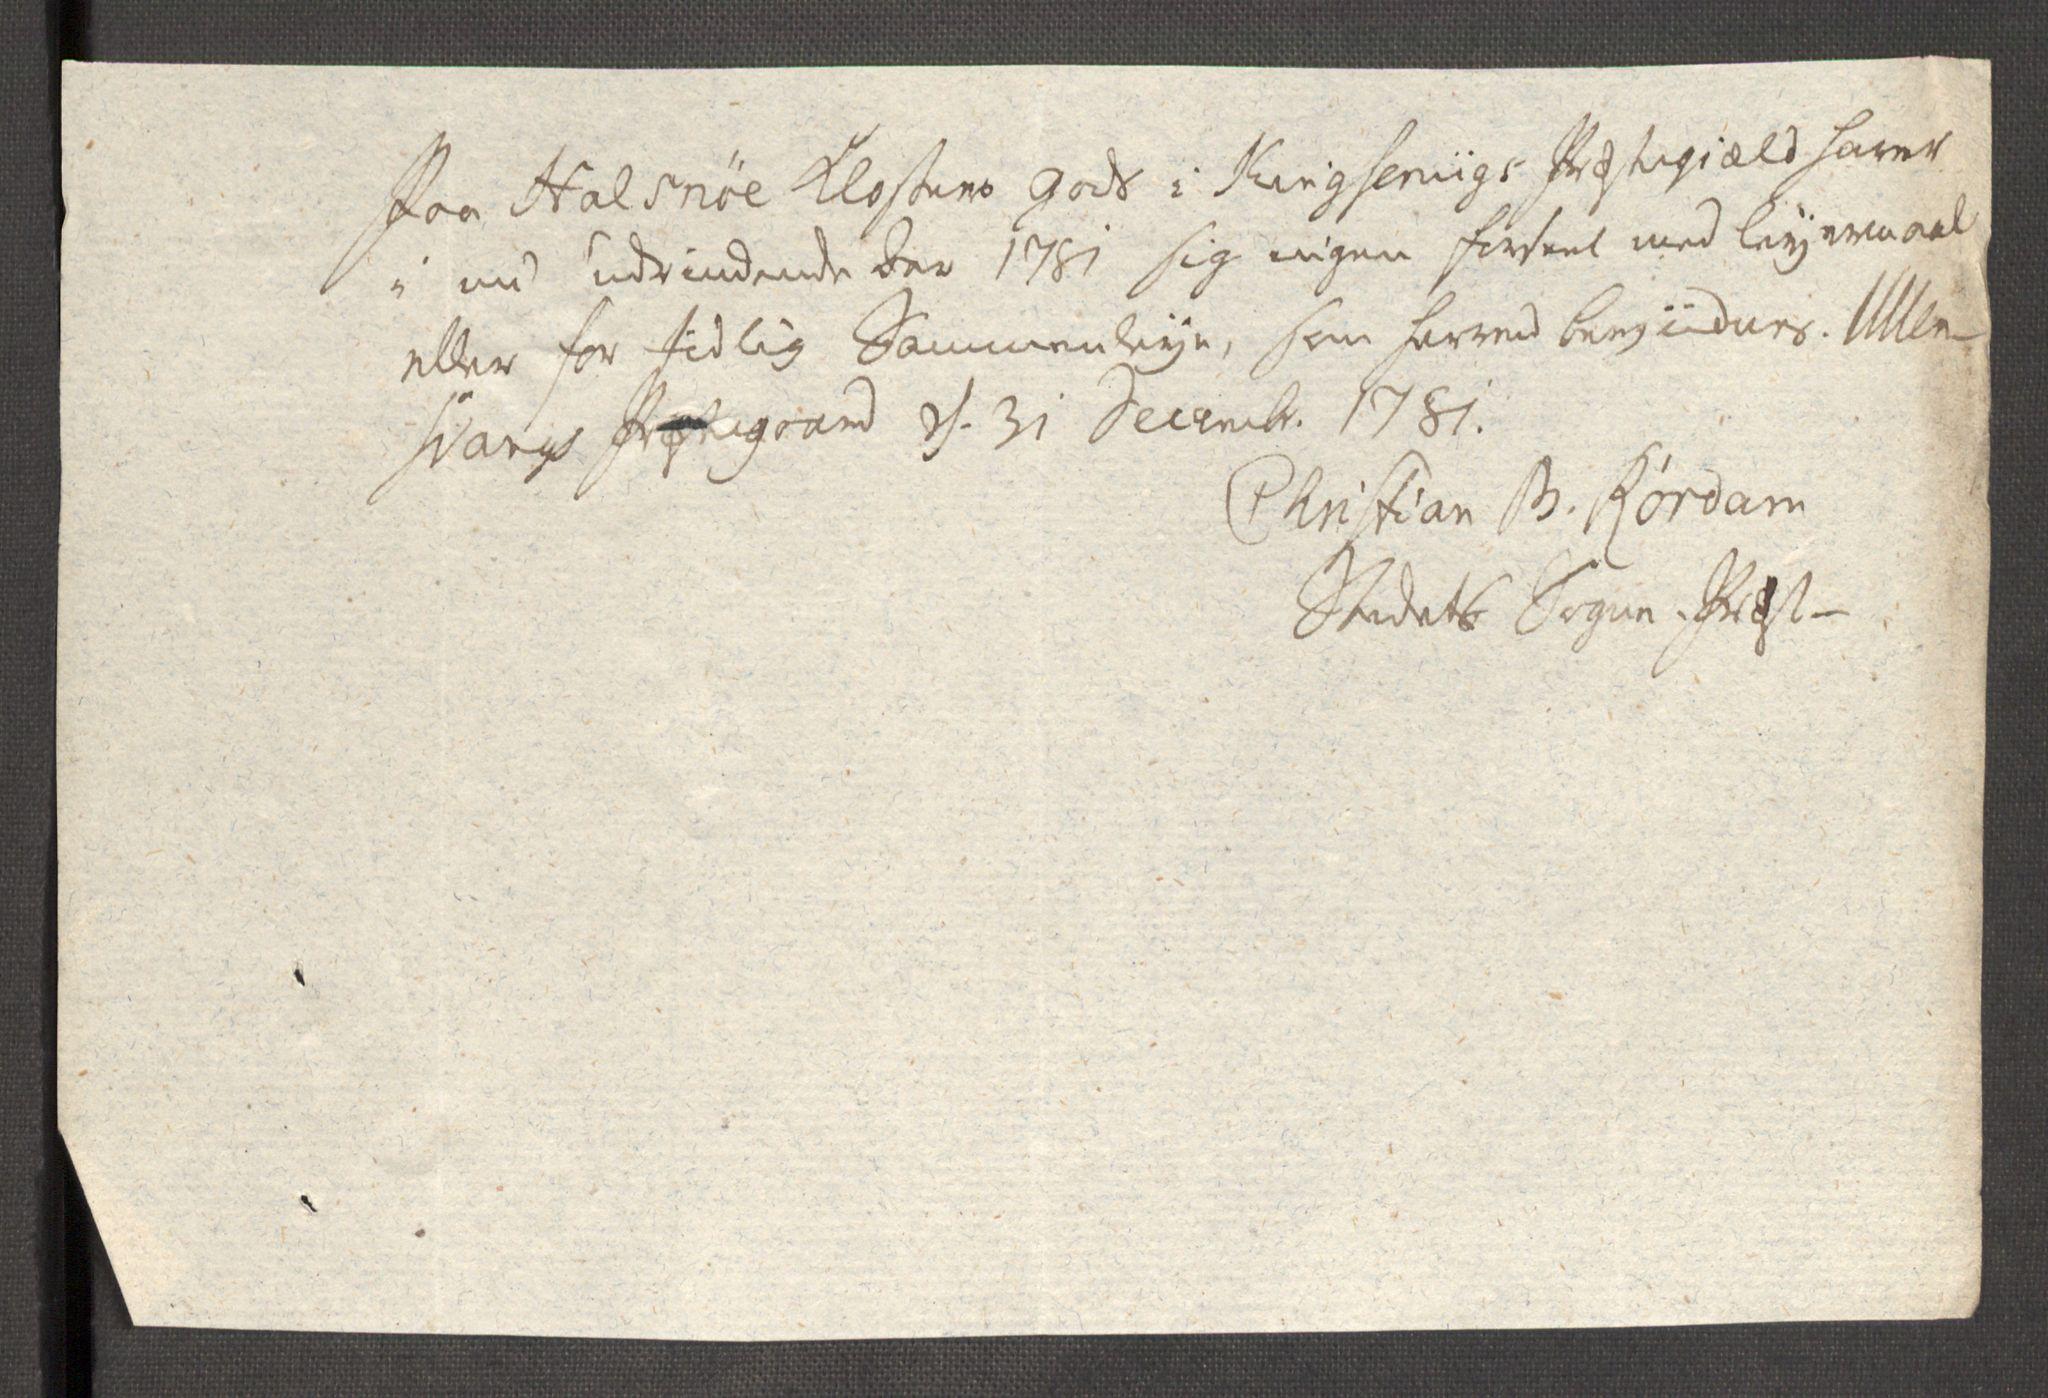 RA, Rentekammeret inntil 1814, Reviderte regnskaper, Fogderegnskap, R48/L3097: Fogderegnskap Sunnhordland og Hardanger, 1781, s. 306